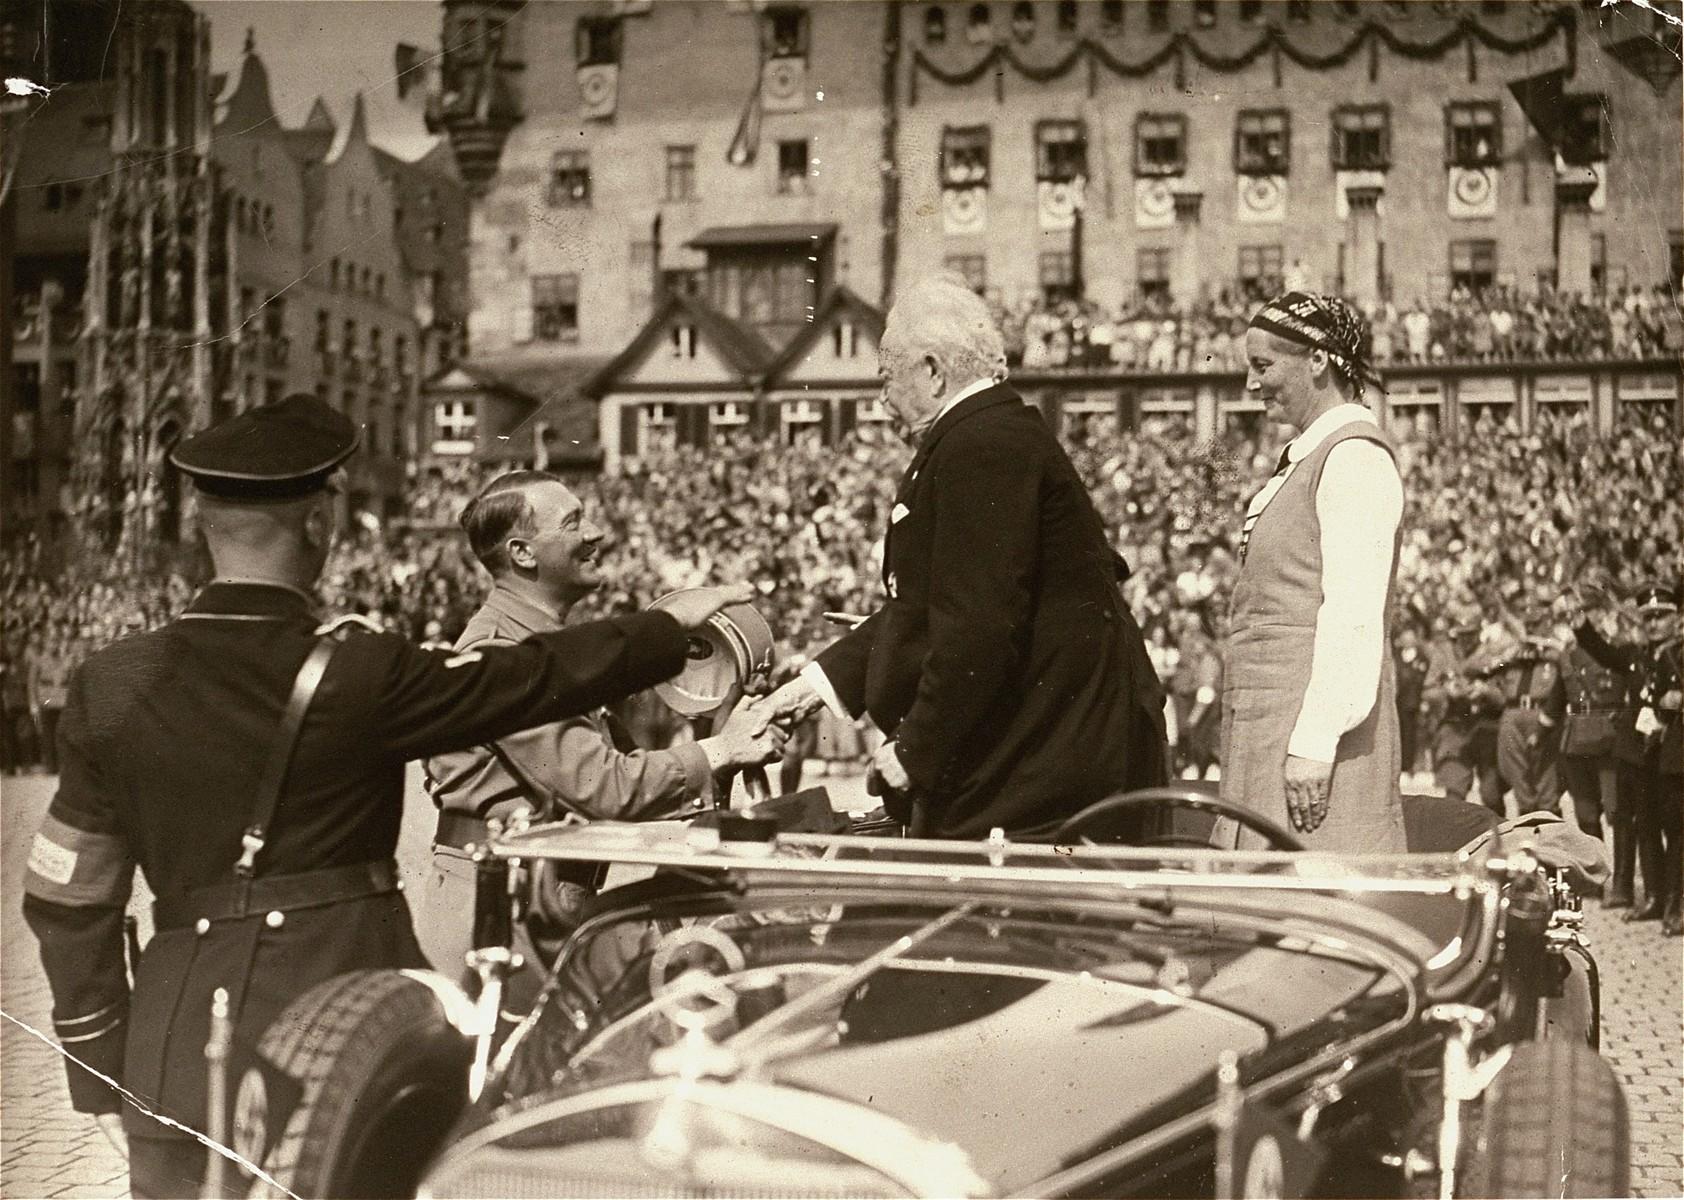 Adolf Hitler greets General Karl Litzmann on the Adolf Hitler Platz during Reichsparteitag (Reich Party Day) ceremonies in Nuremberg.